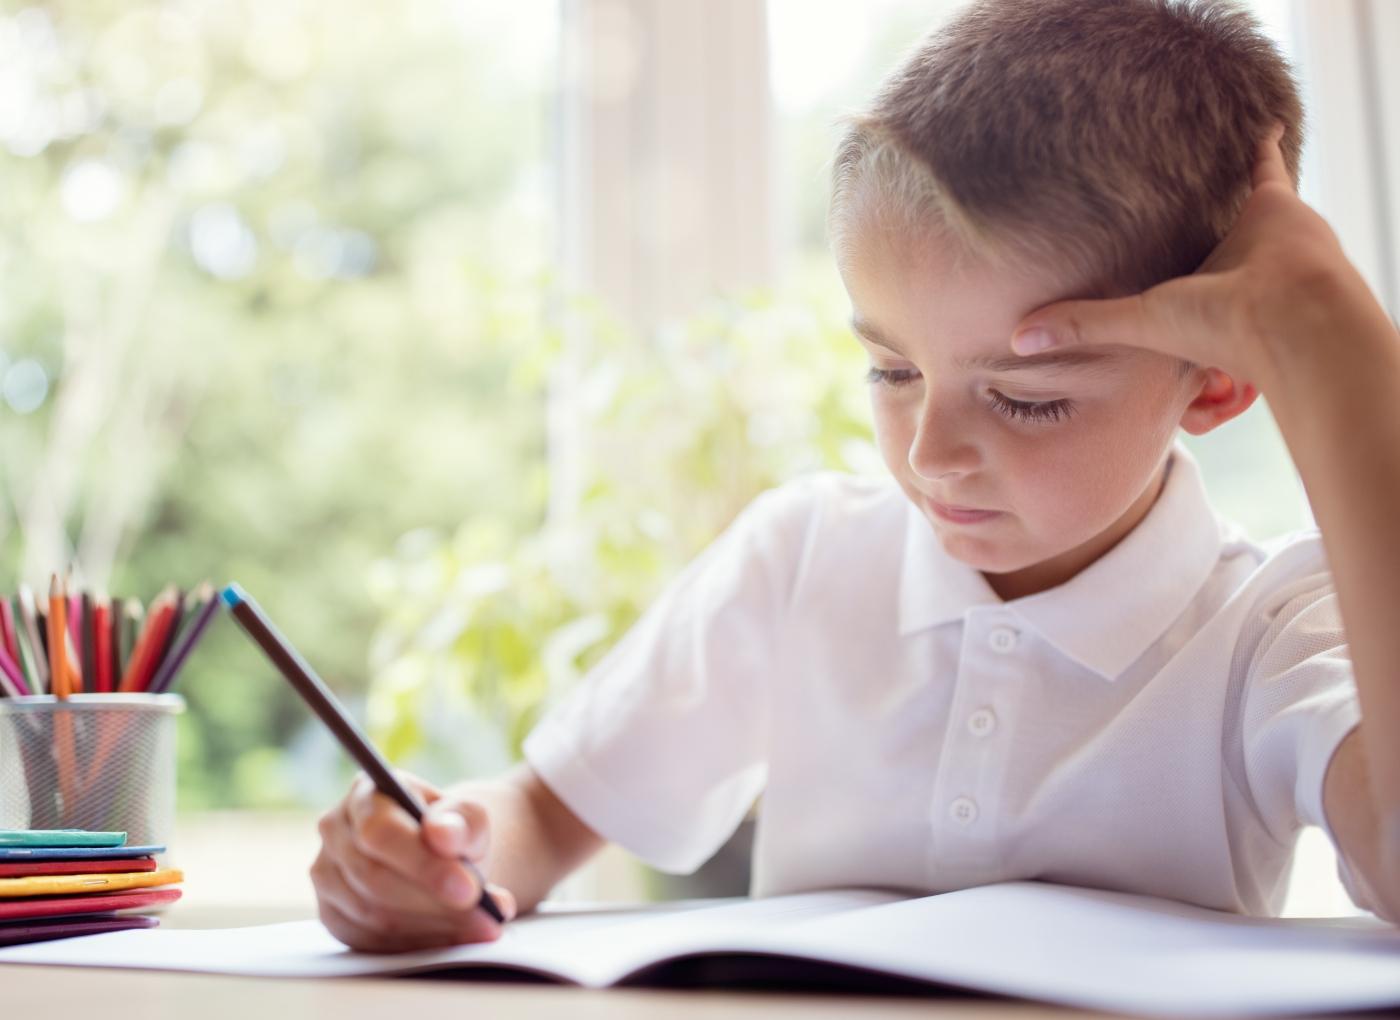 Dislexia: principais sintomas